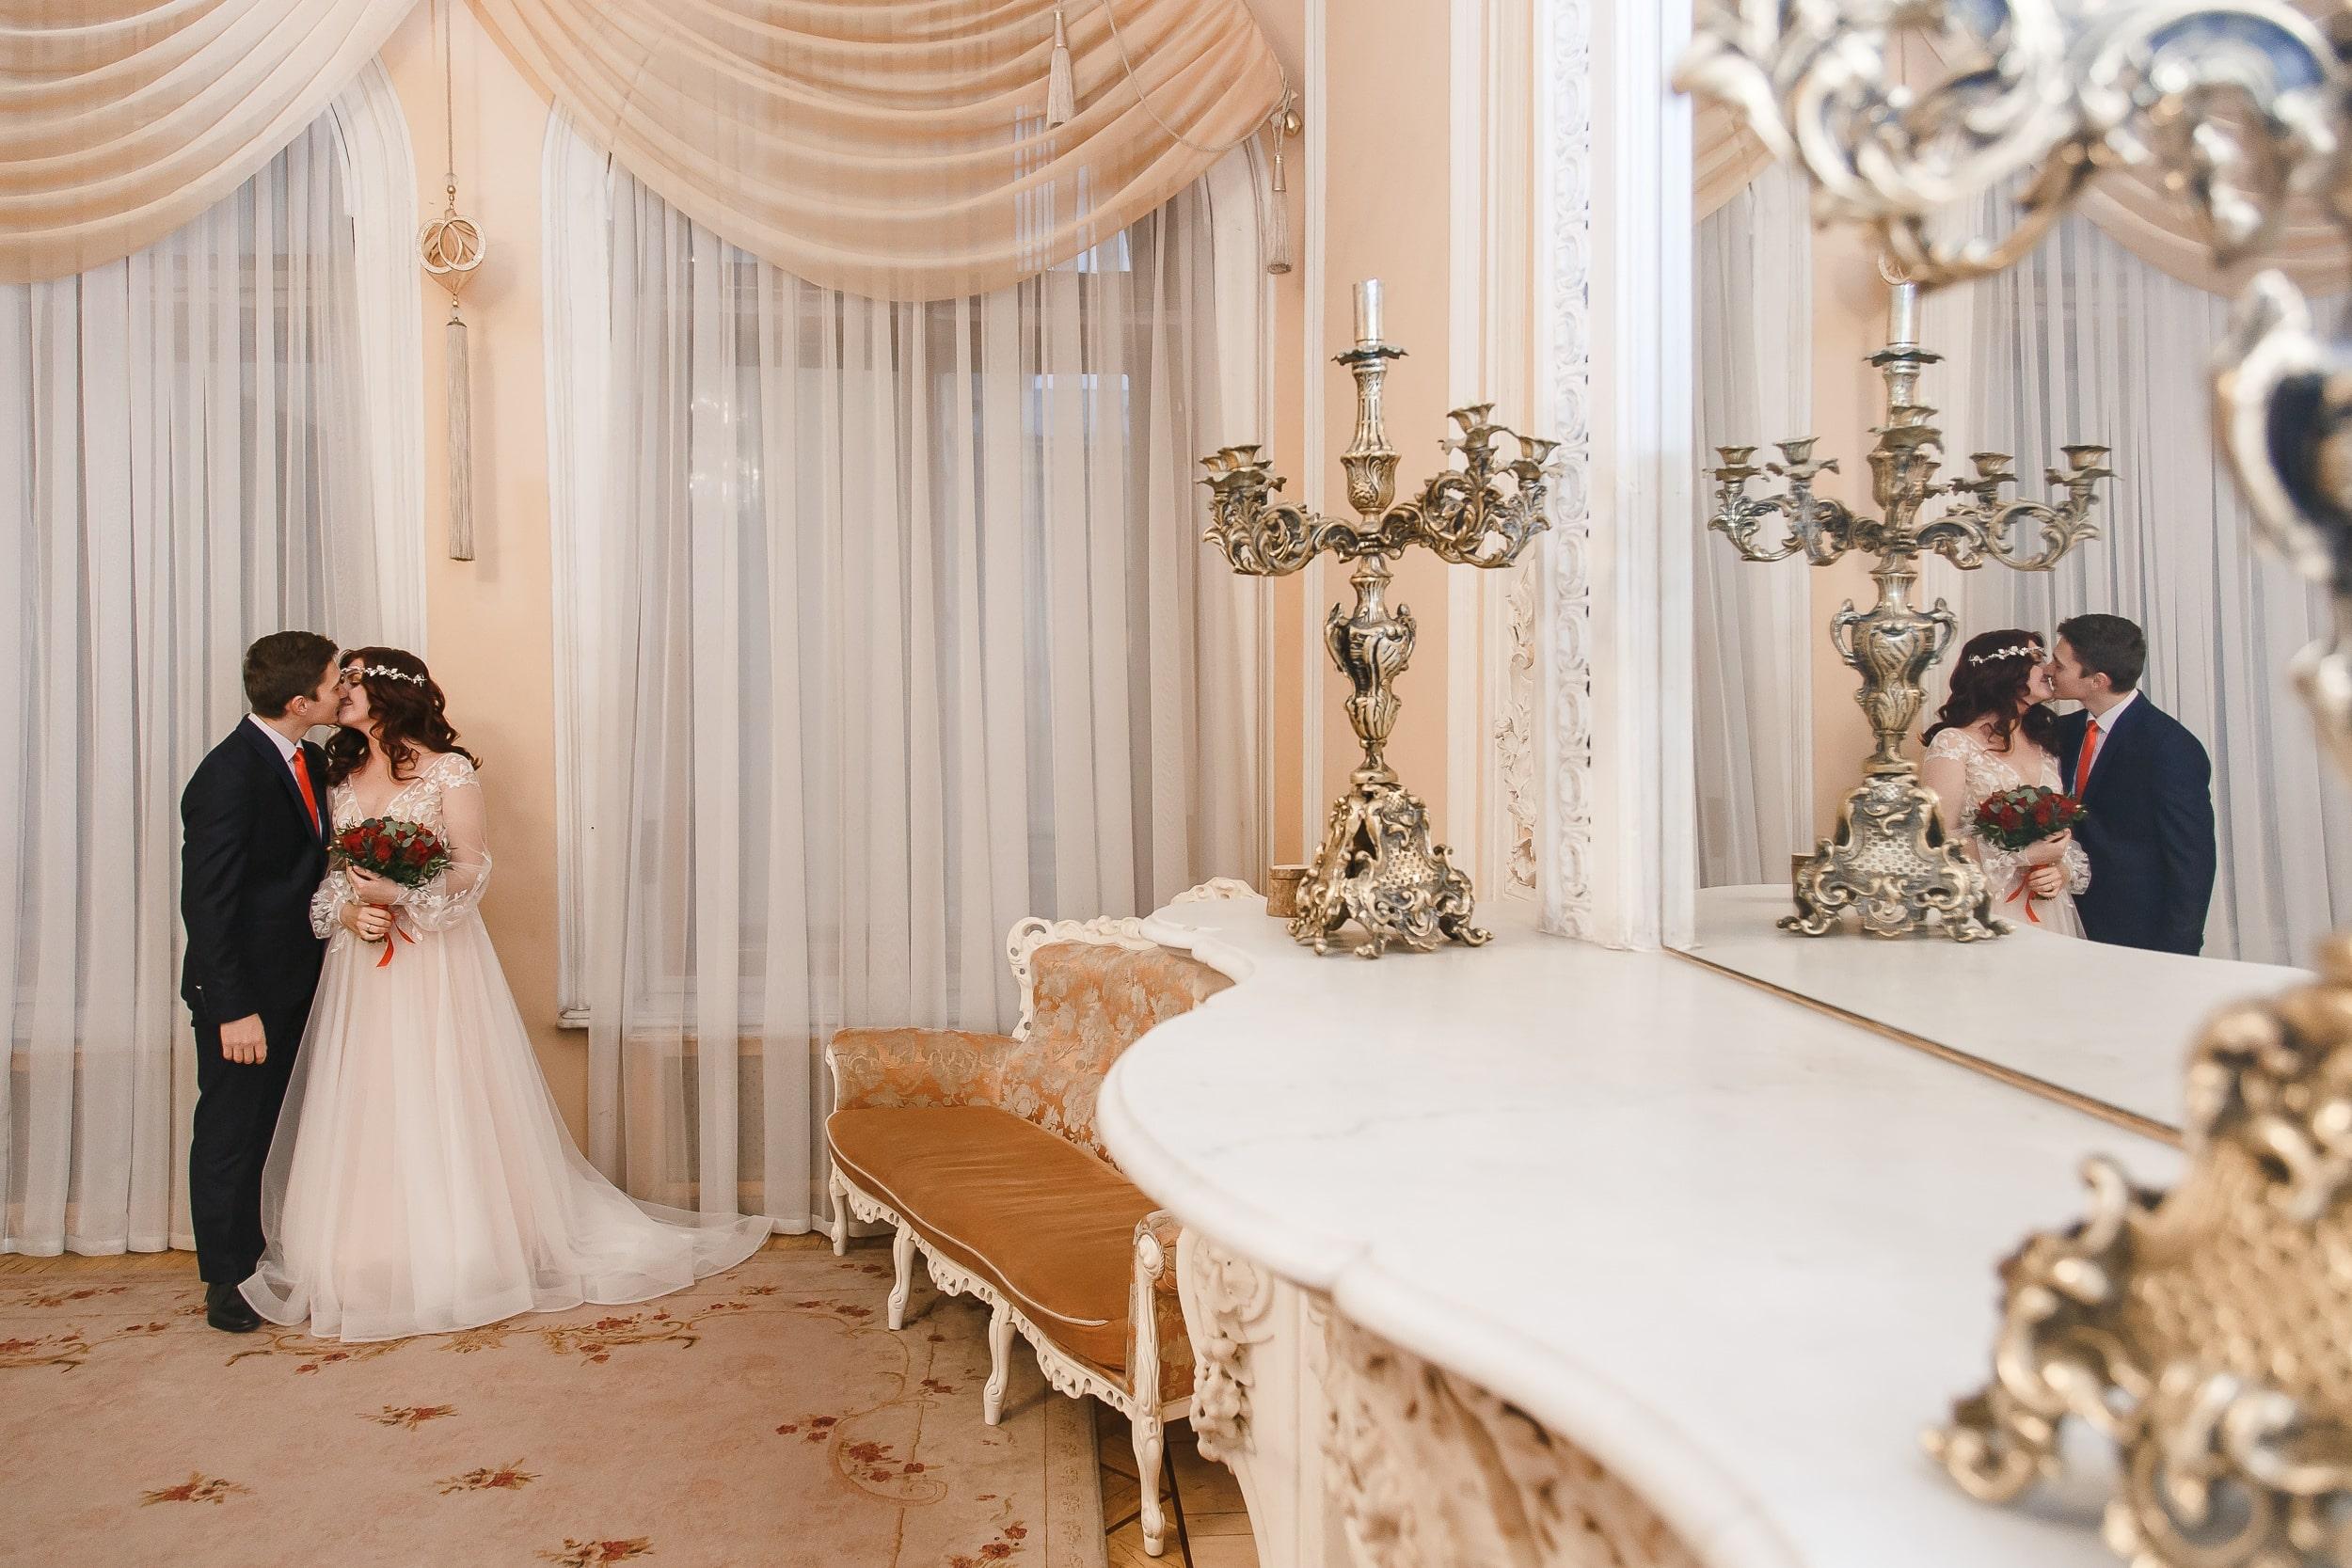 Дворец Бракосочетания №1 интерьер